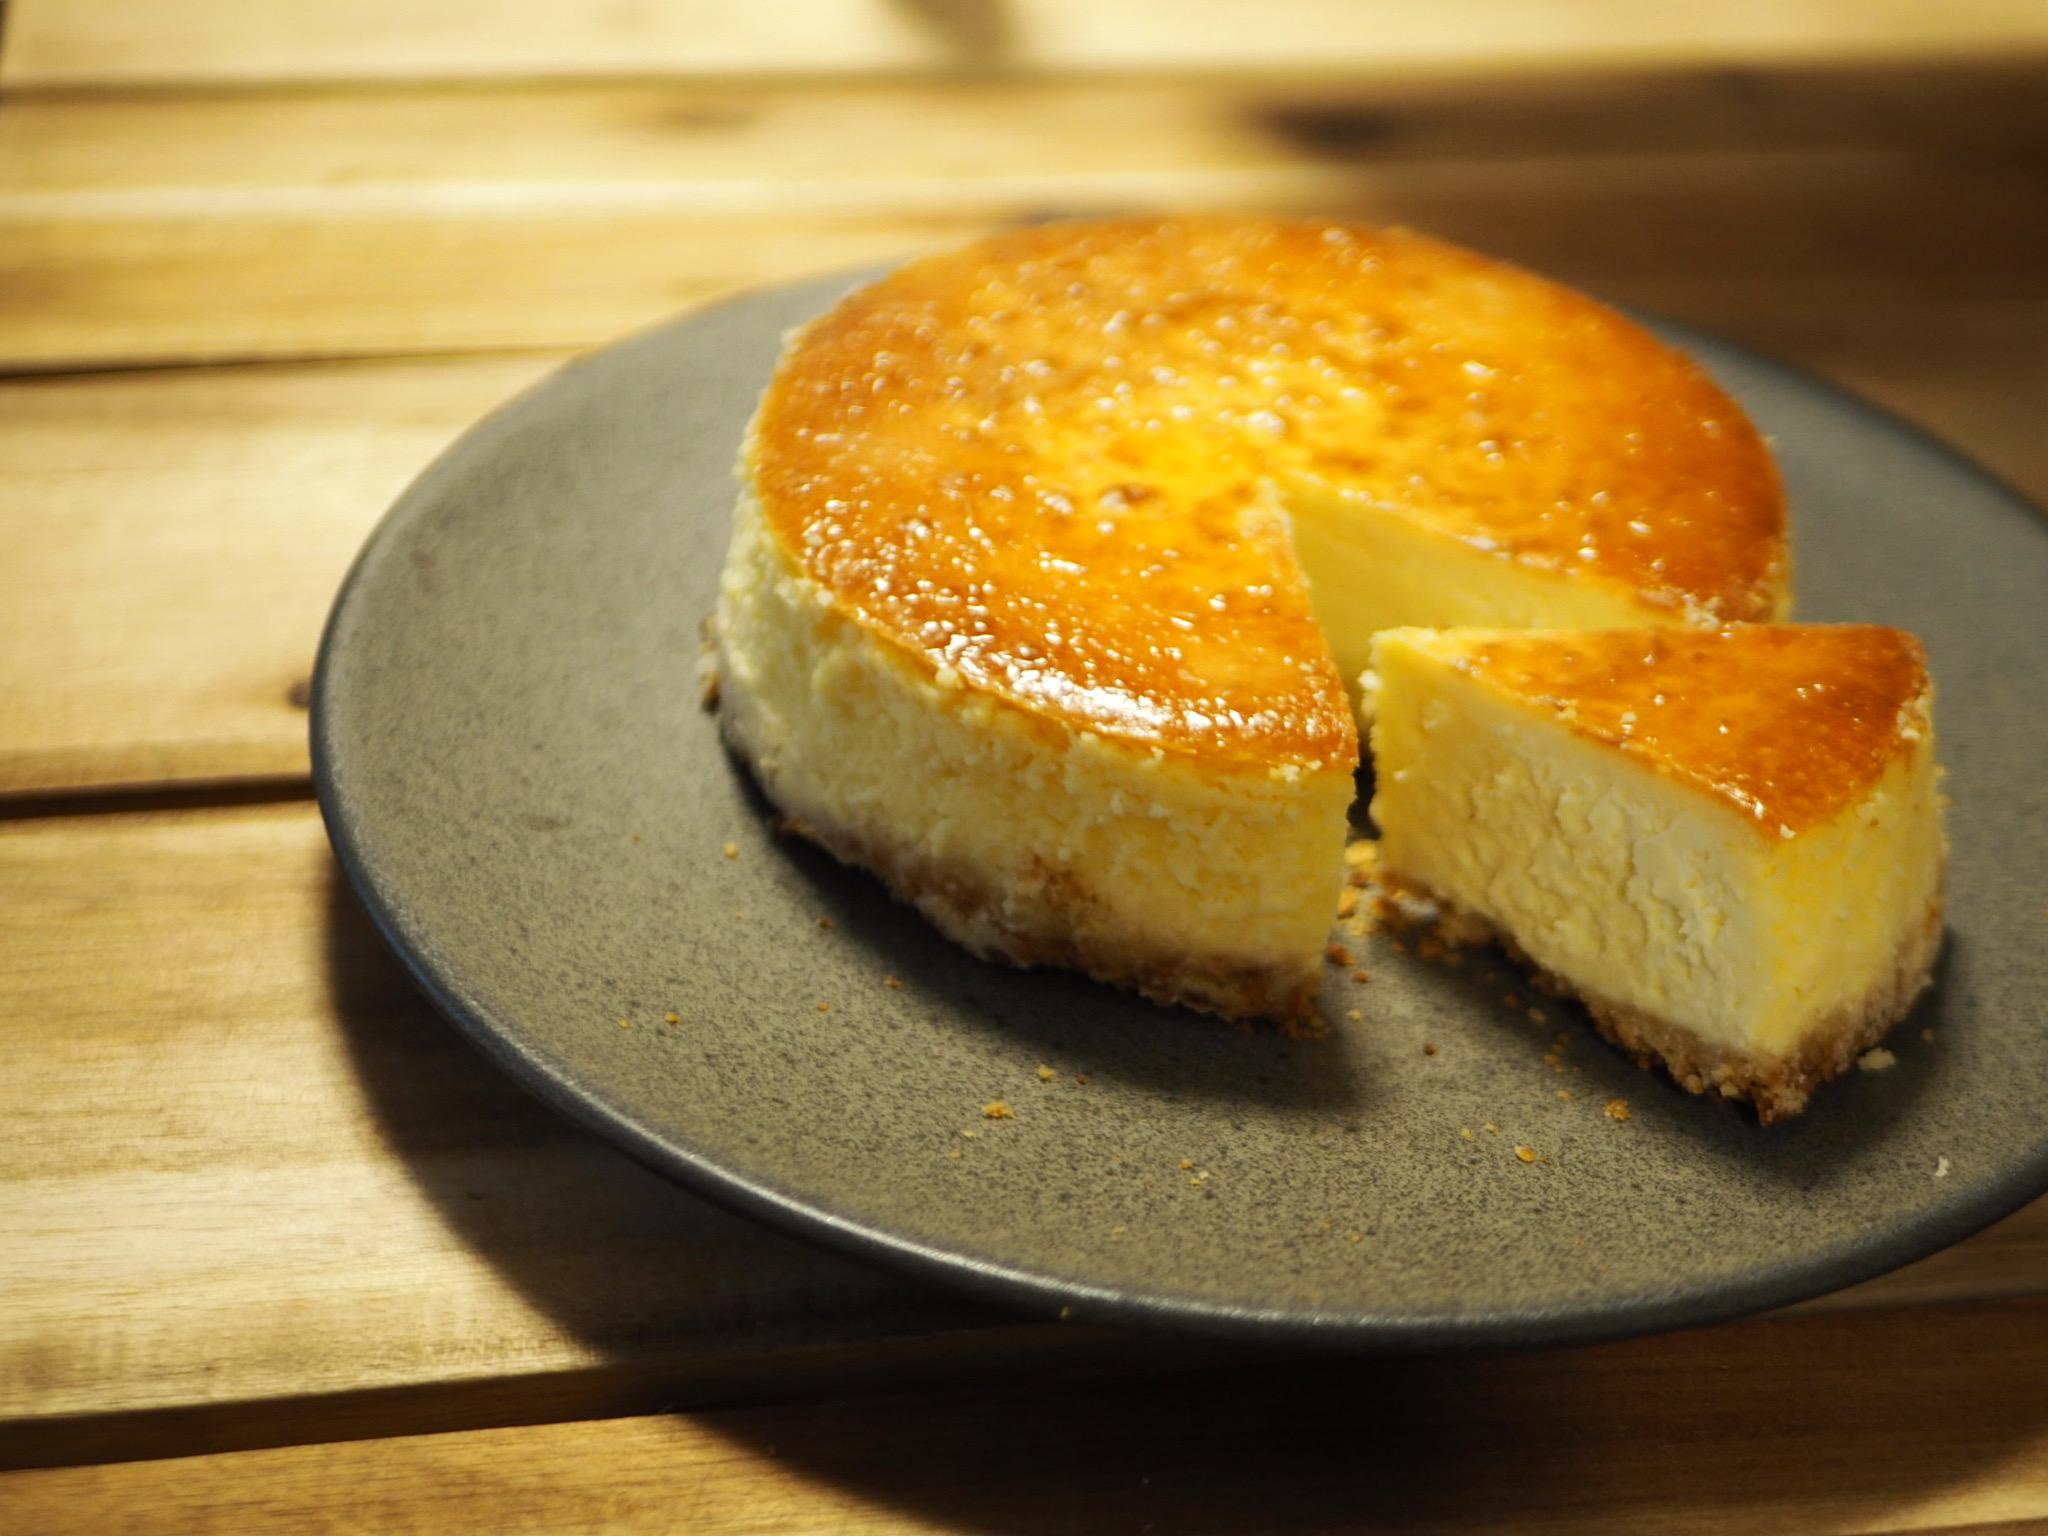 材料混ぜて焼くだけ!本格的な味わい♡【手作りベイクドチーズケーキ】のおすすめレシピ♡_7